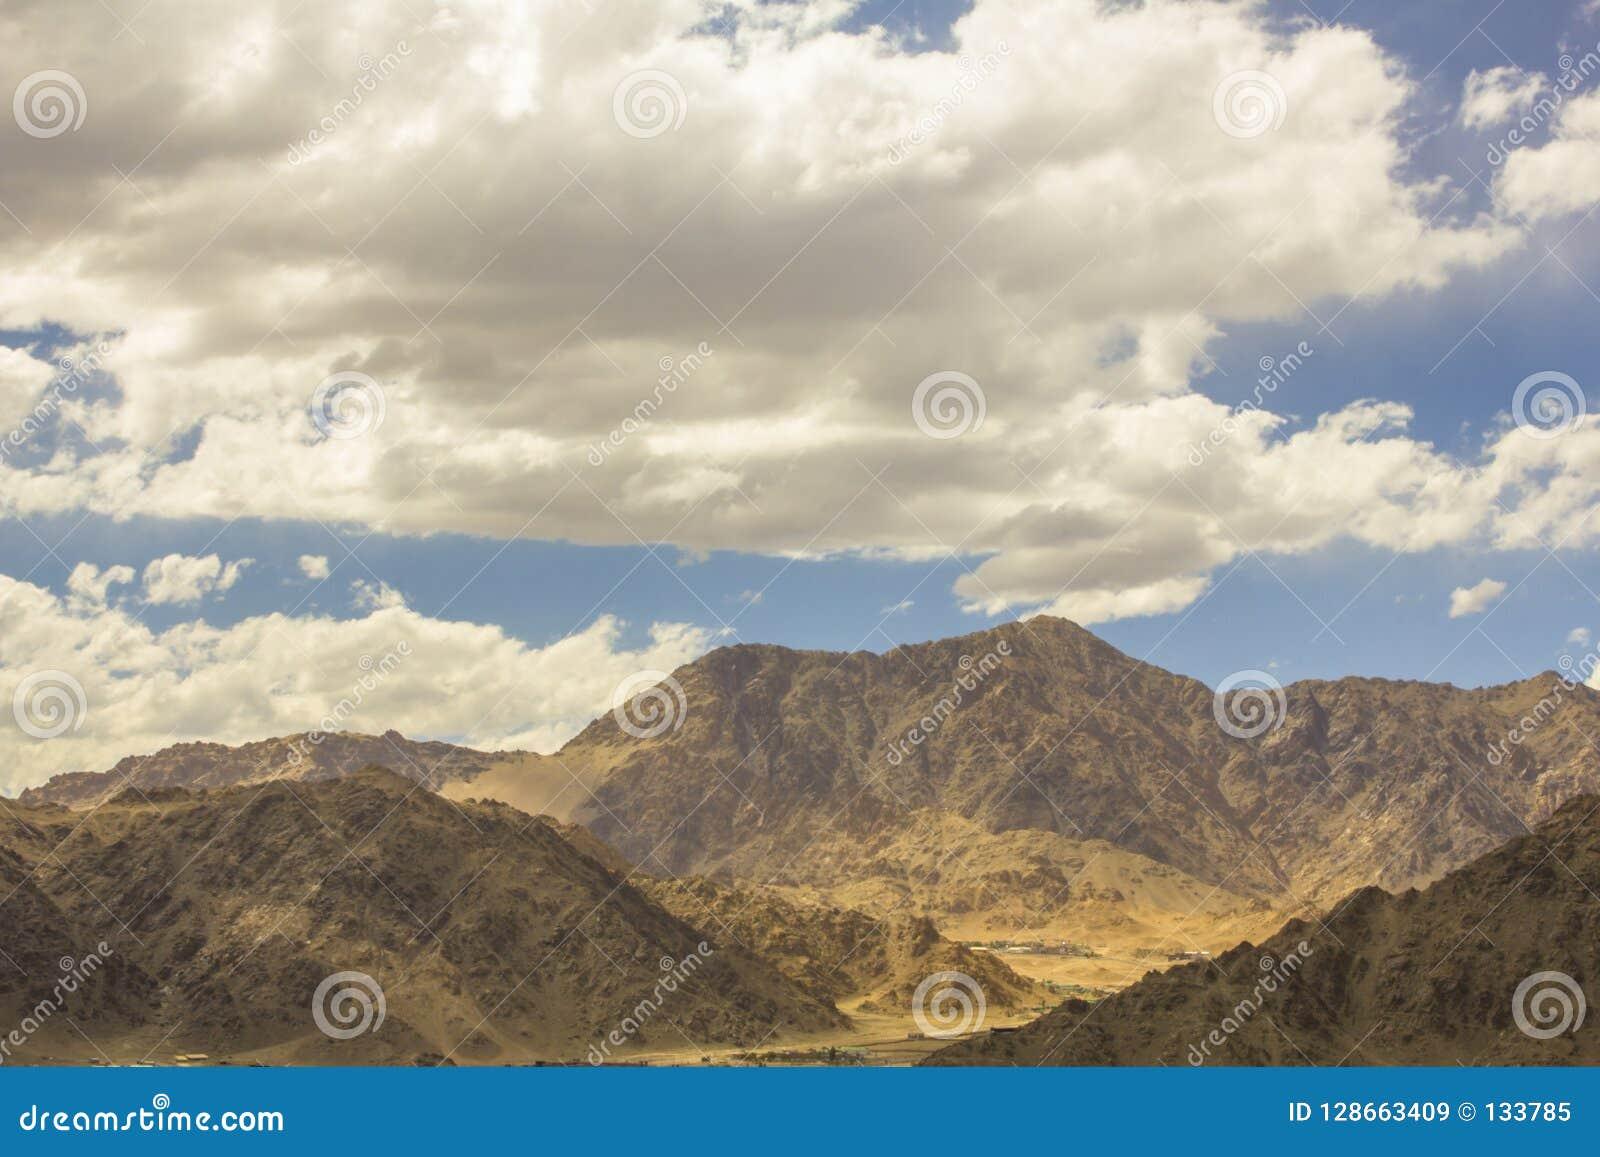 Een mooie bewolking over de bergen verlaat